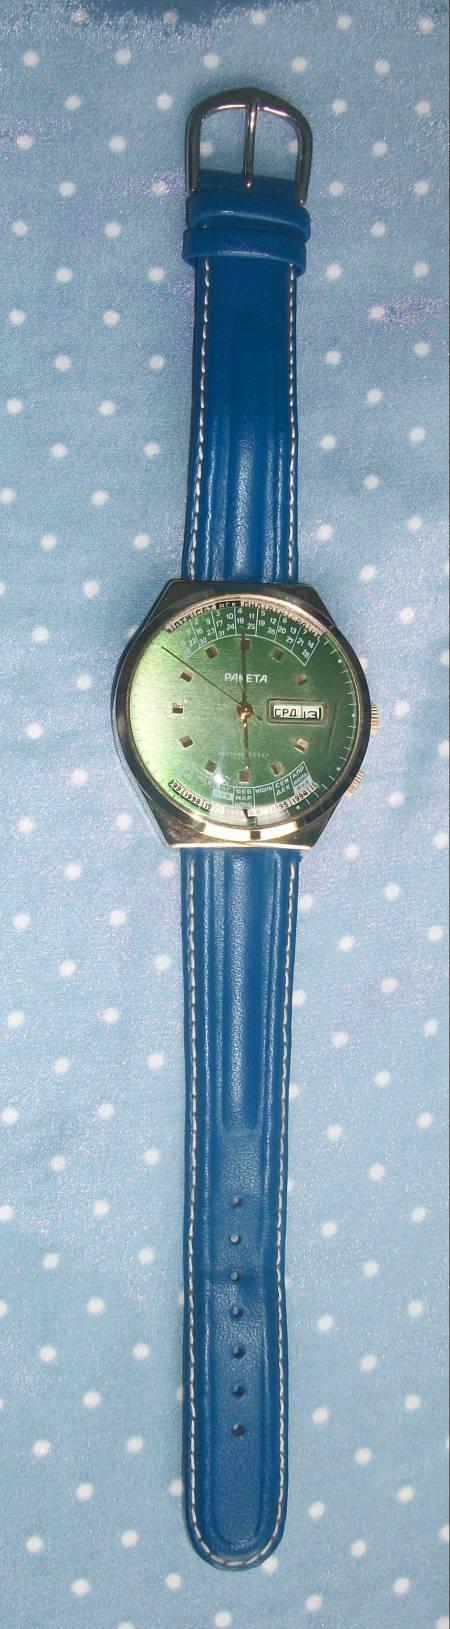 Il n'y a pas que des montres Raketa 1ebay10